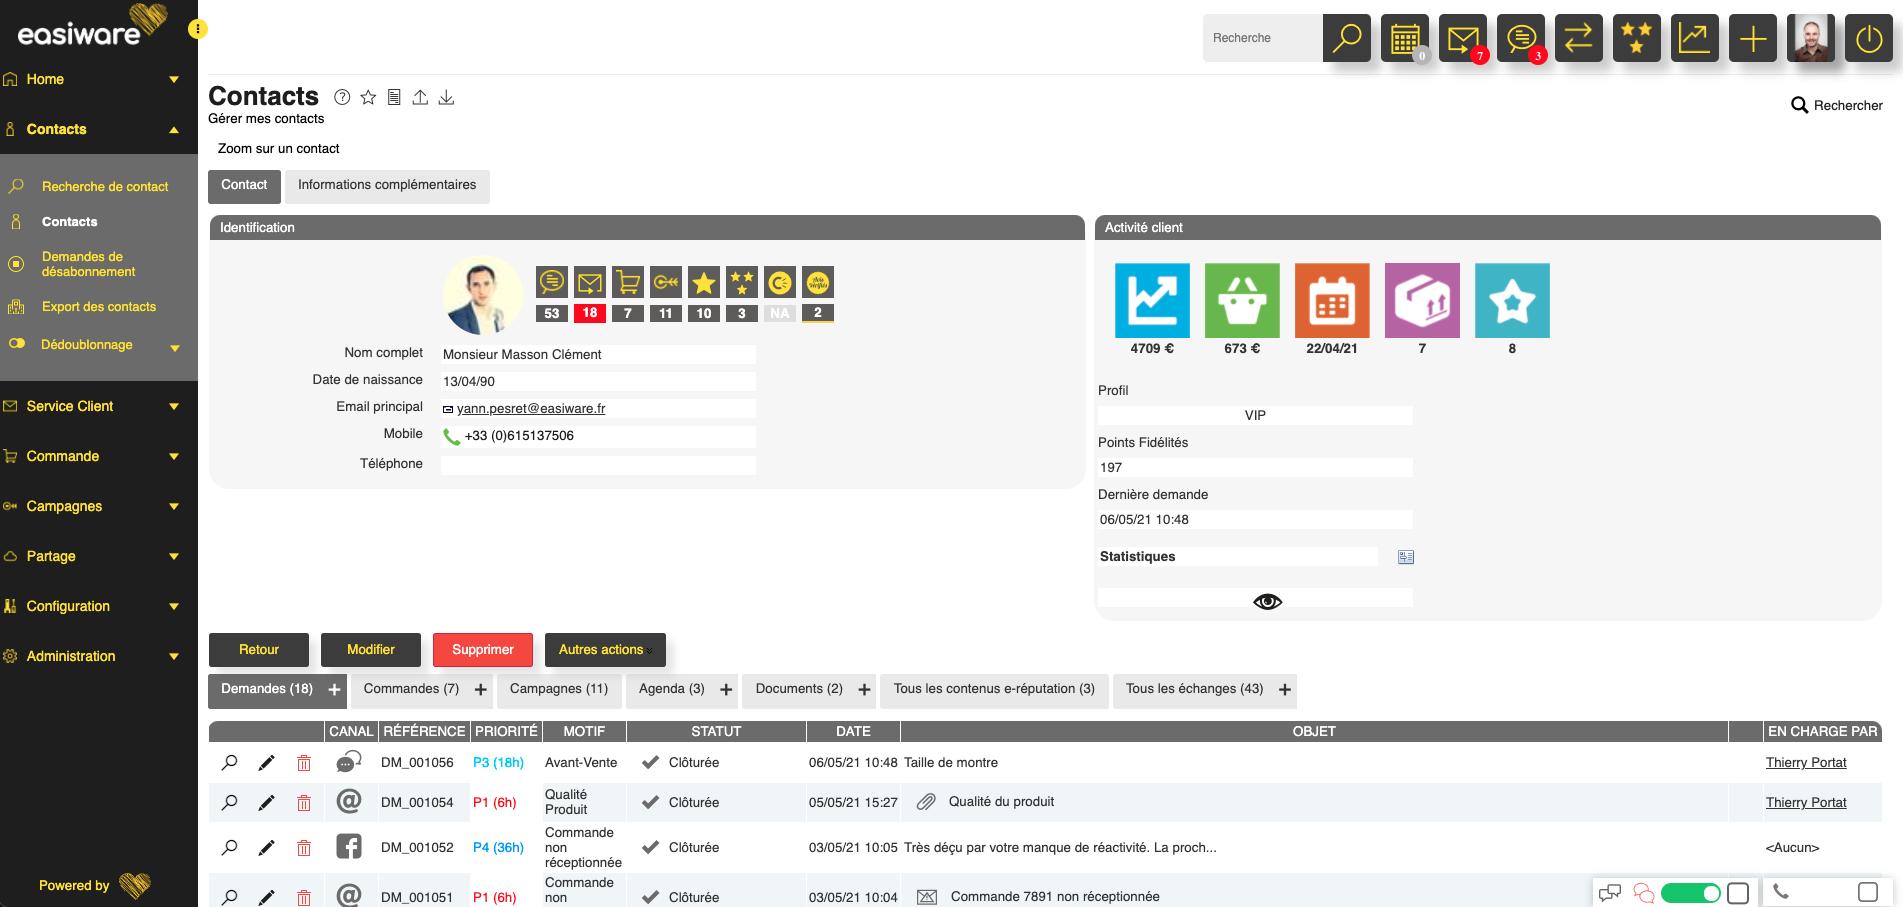 Fiche client 360 native avec profil client enrichi